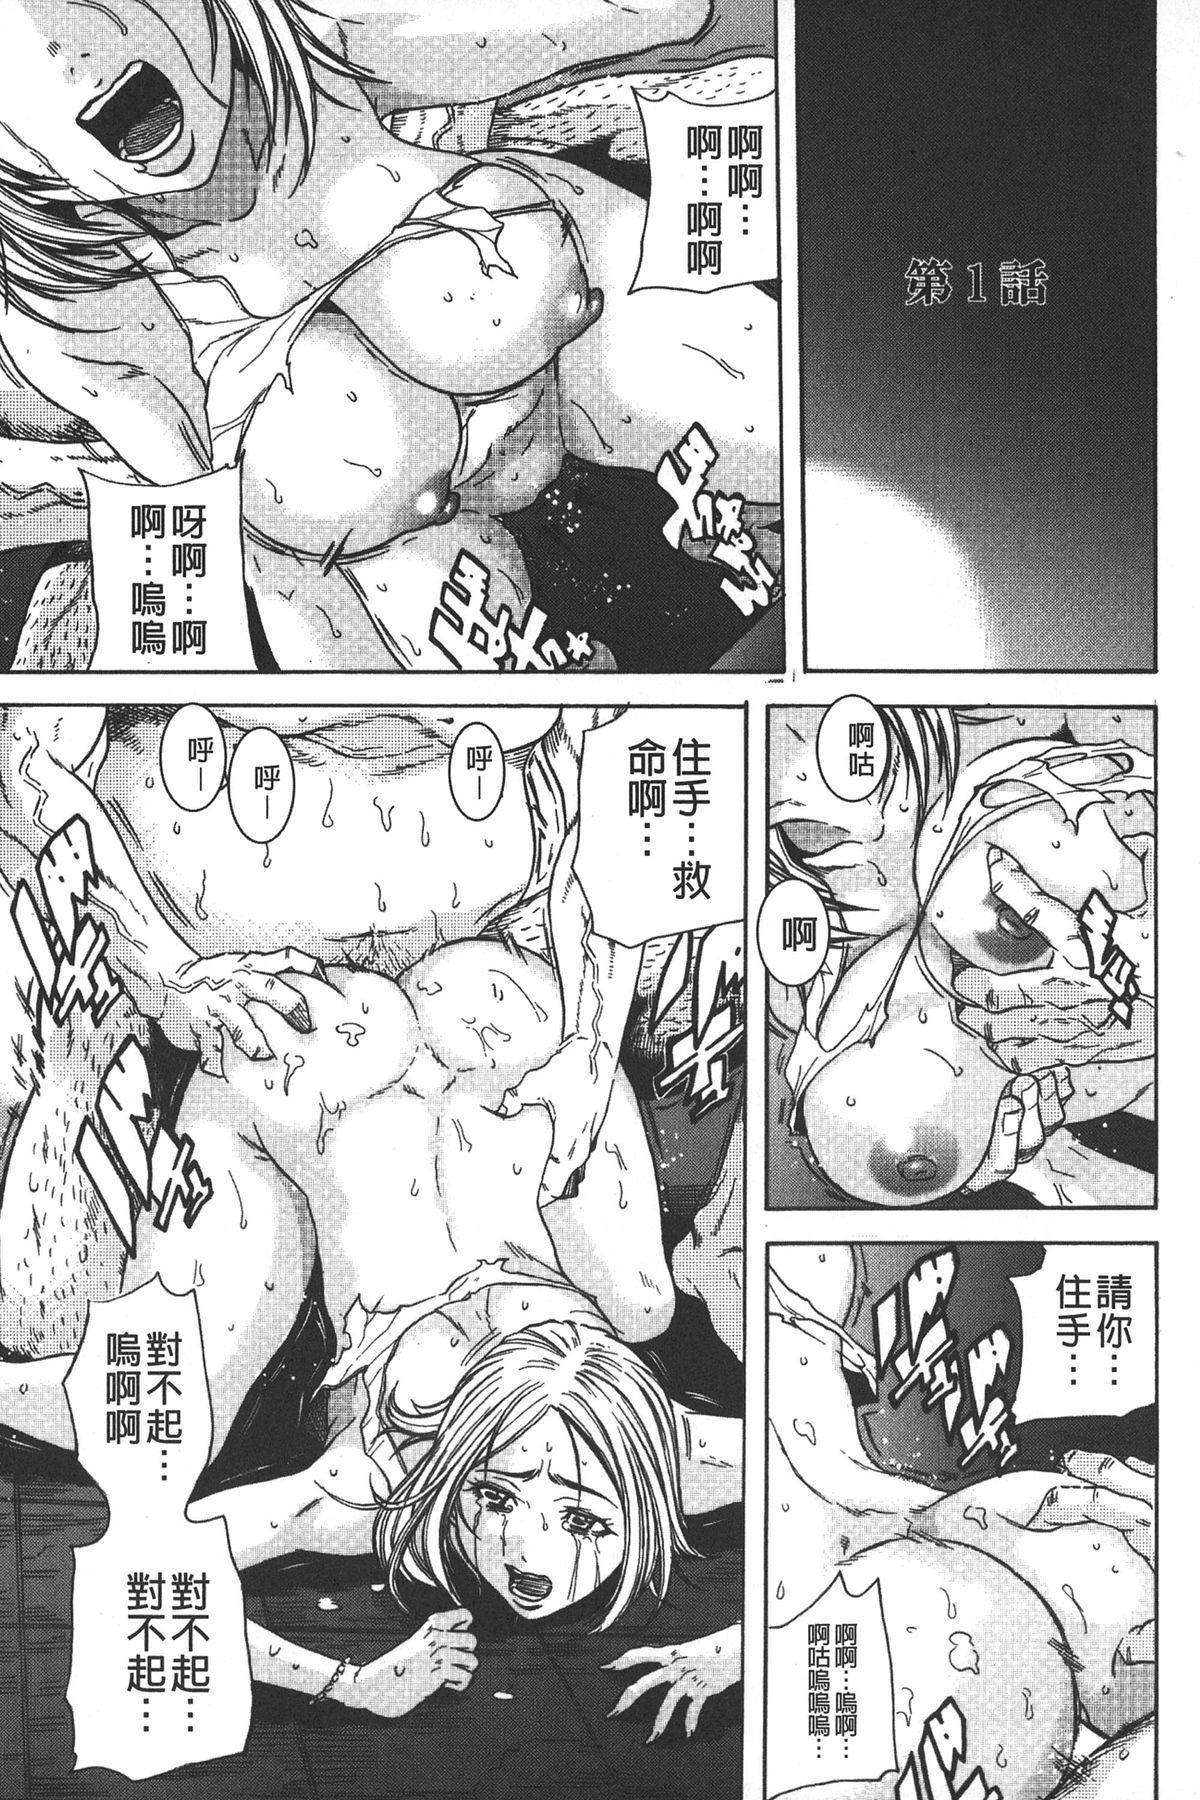 Ryoujoku Kyoushitsu 5